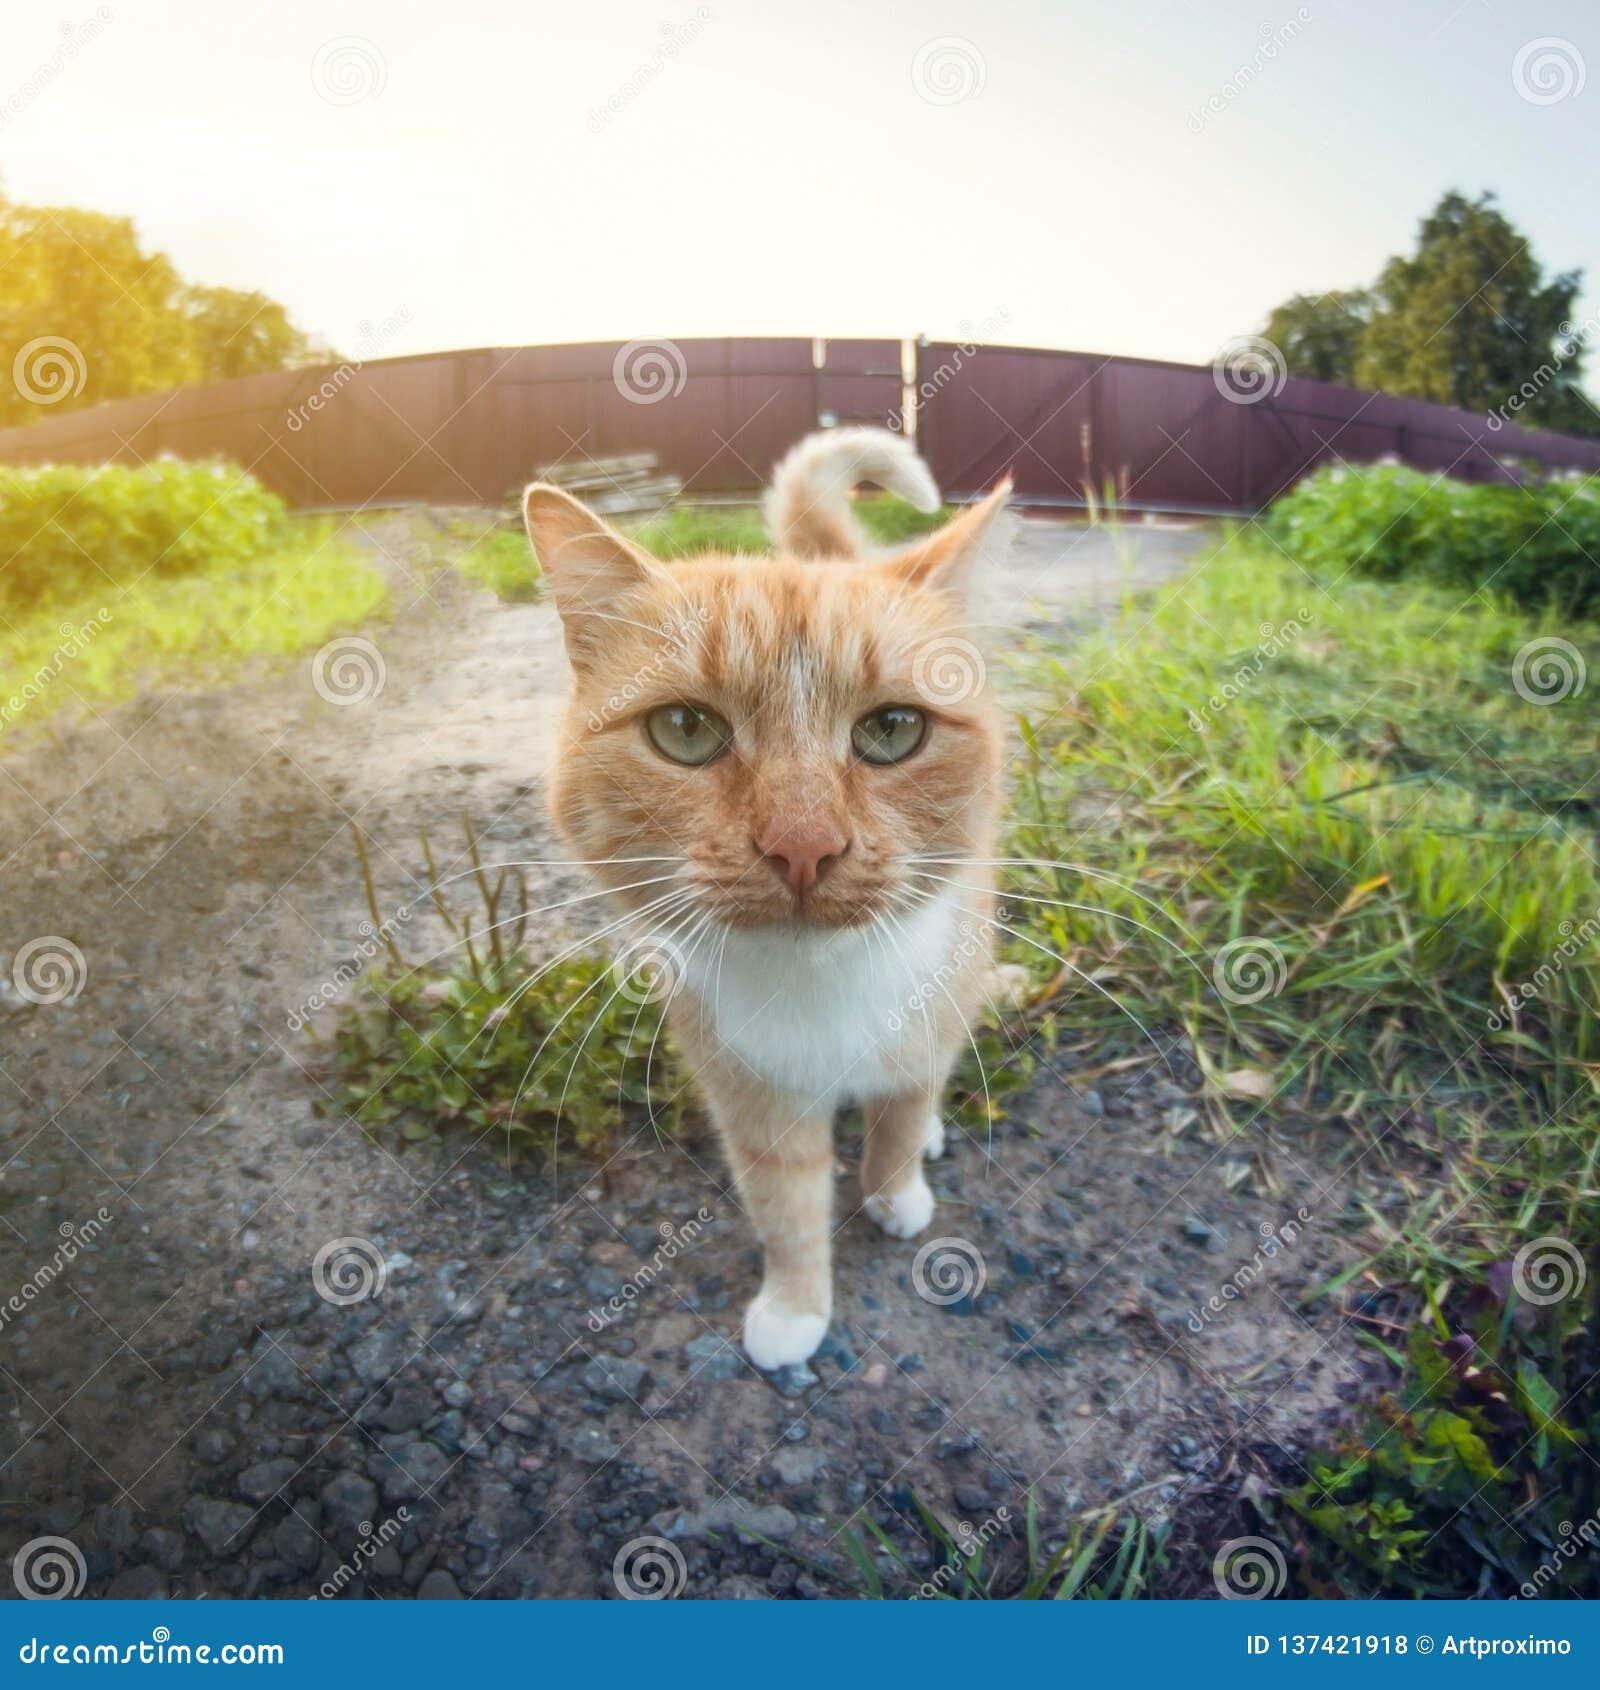 Retrato de um gato vermelho fora na vila close-up, lente de fisheye da perspectiva da distorção